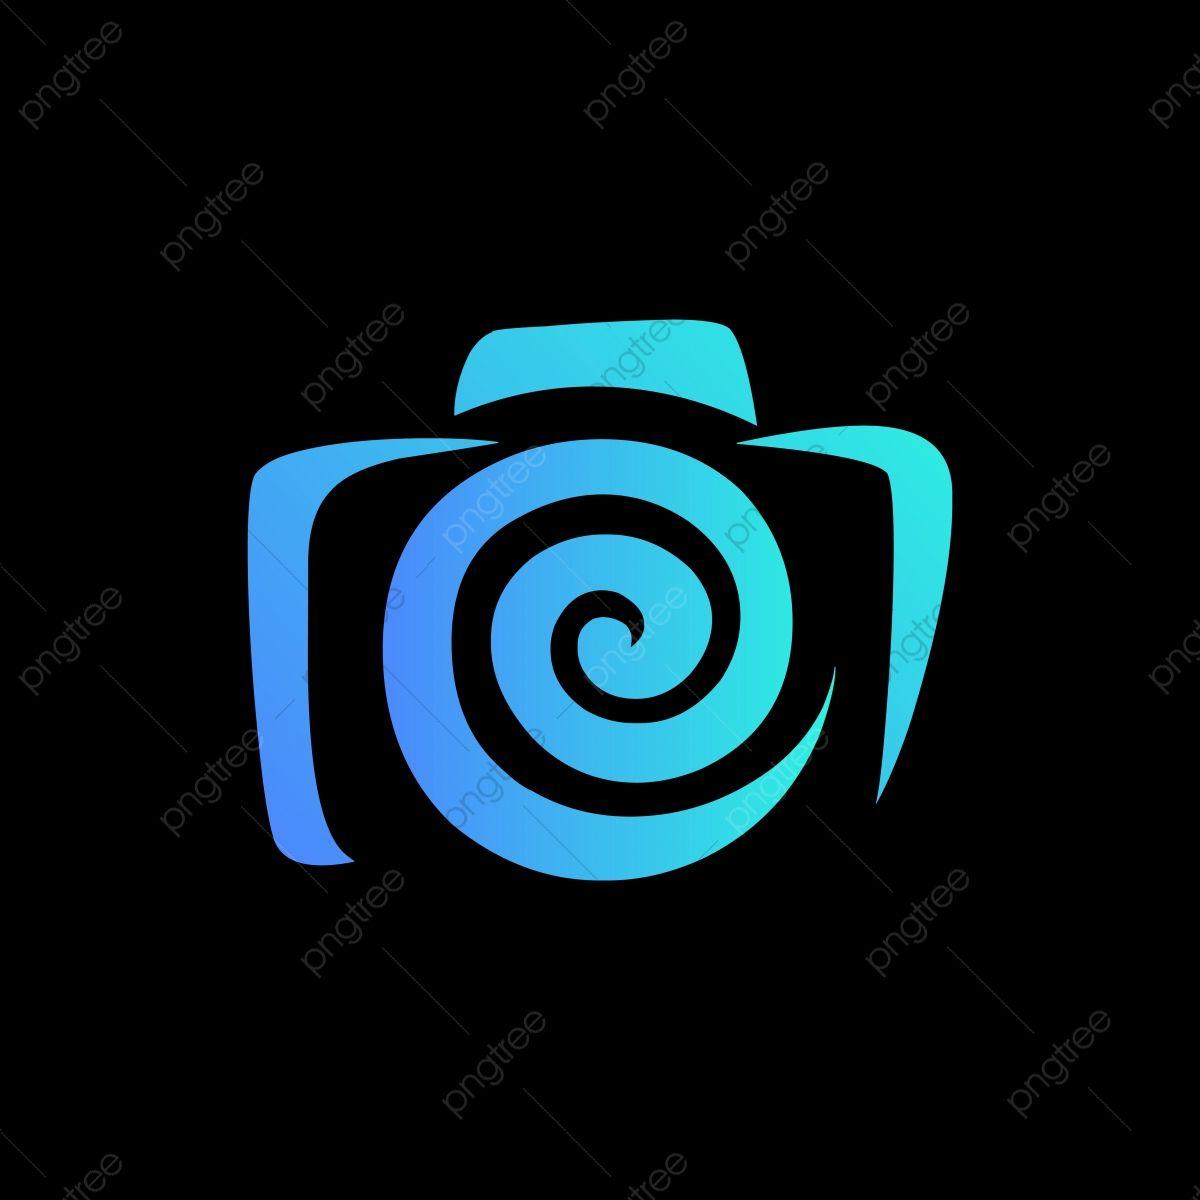 تصميم شعار رمز رمز مكافحة ناقلات الكاميرا رمز الكاميرا شعارات أيقونات أيقونات Png والمتجهات للتحميل مجانا Camera Logo Vector Design Logo Design Free Templates